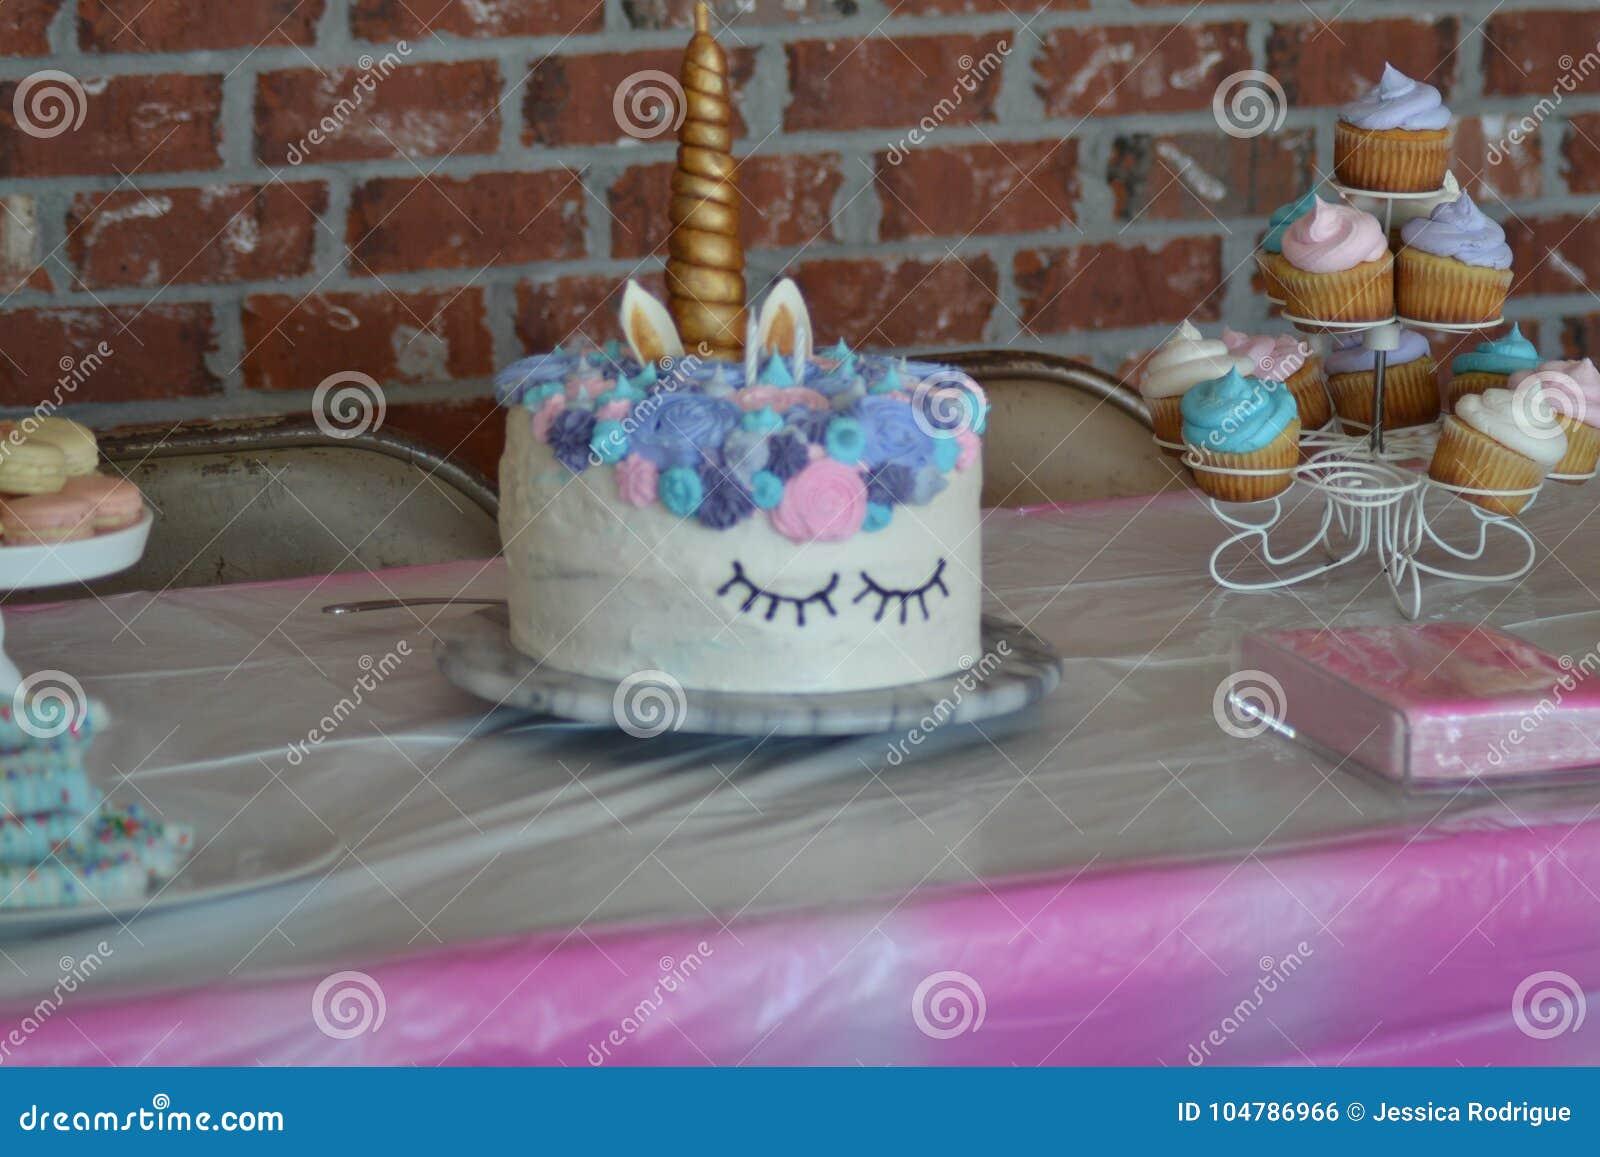 Einhorngeburtstagstabelle Mit Kleinen Kuchen Makronen Brezel Haftet Blau Rosa Purpur Und Goldfarben